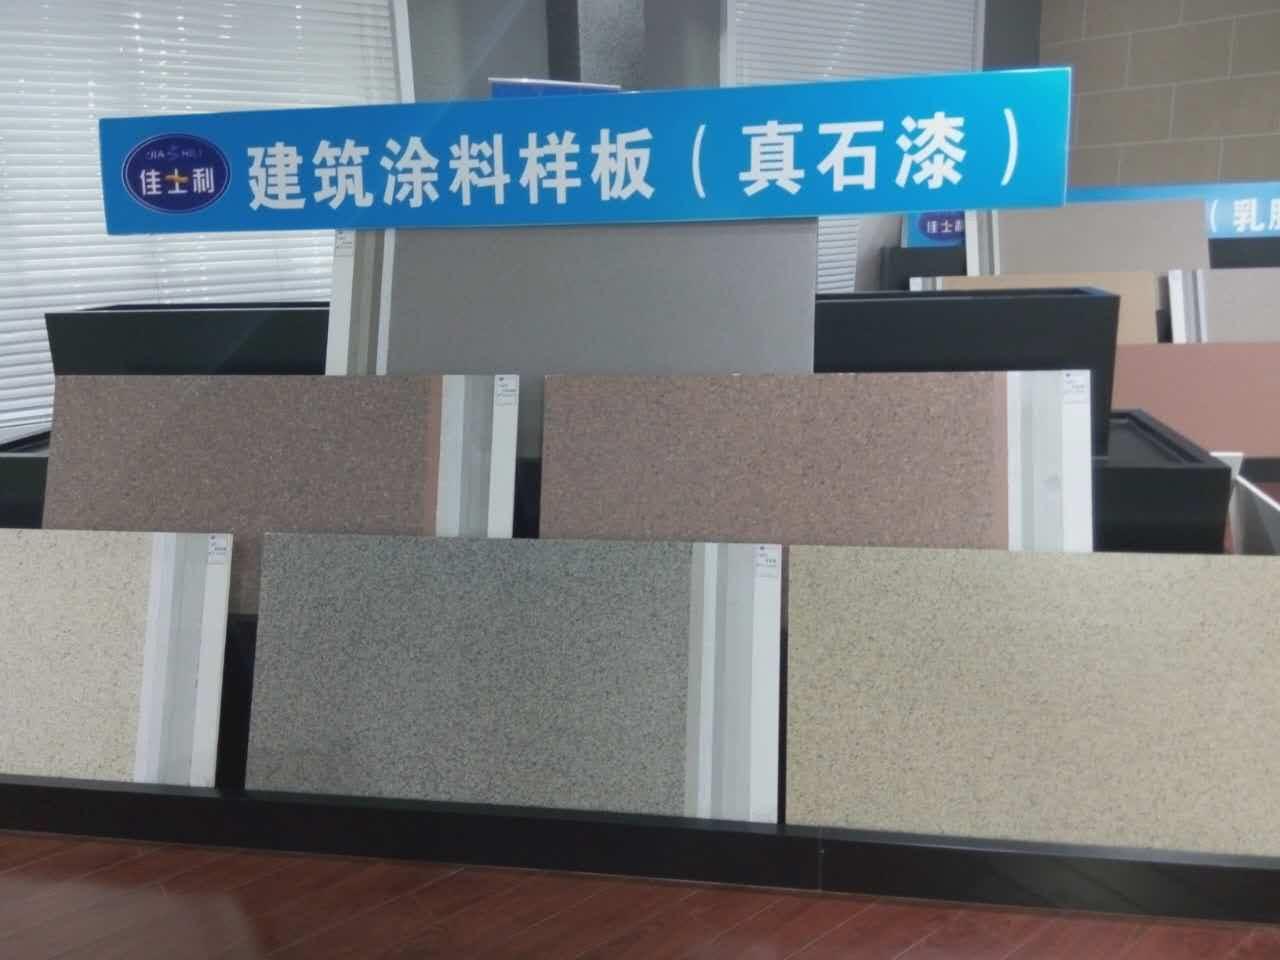 质感涂料的施工步骤和施工墙面的要求